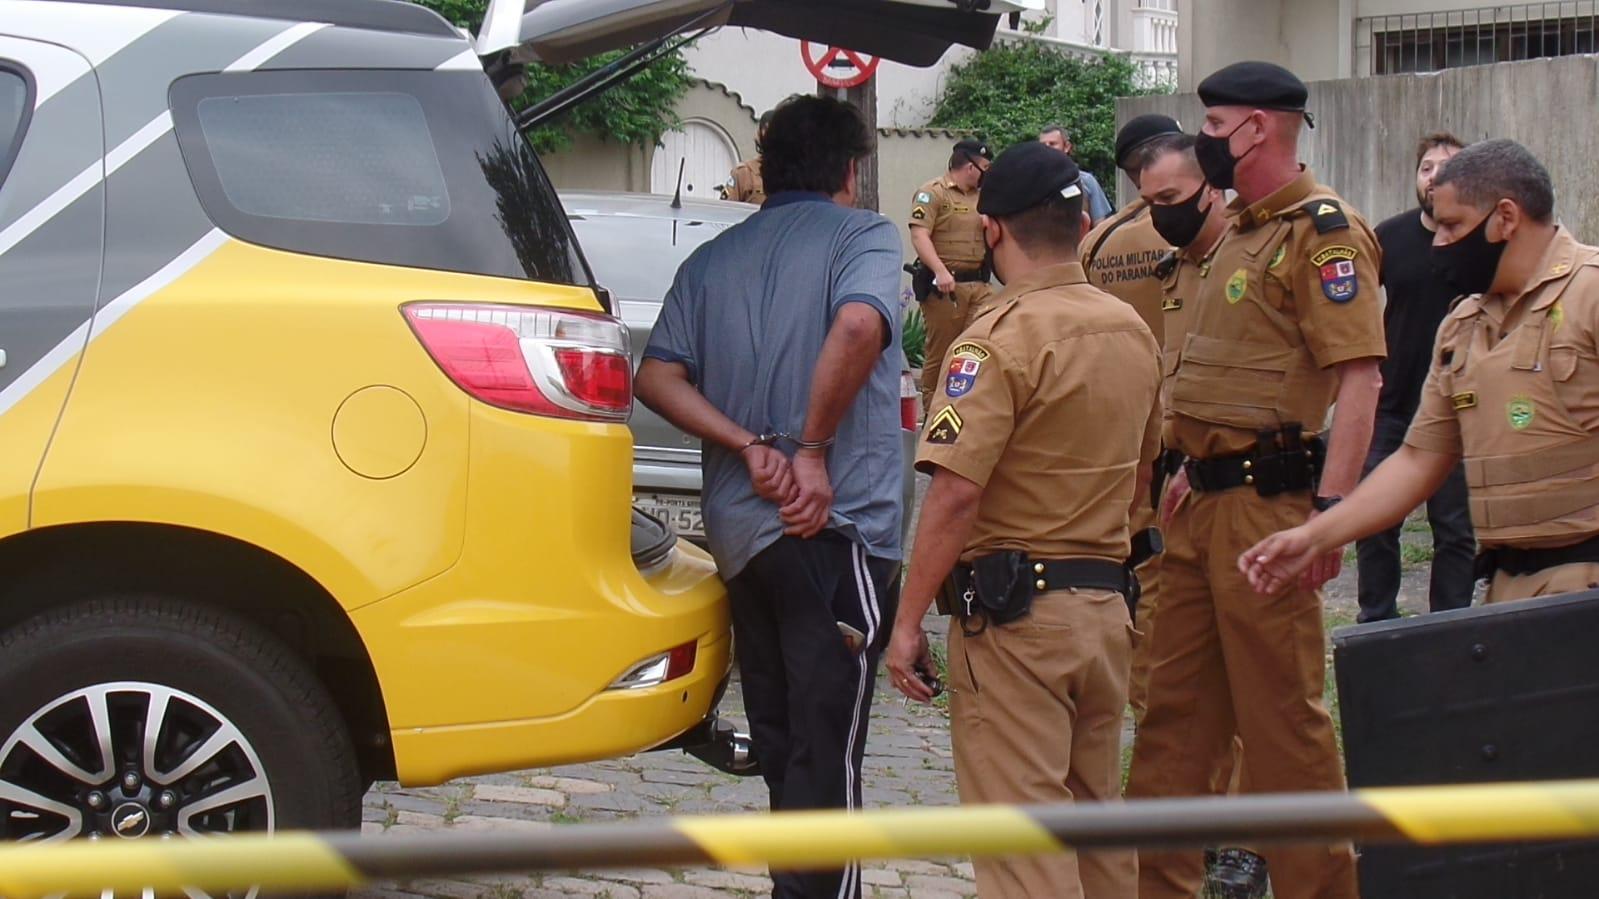 URGENTE: Atirador agrediu mulher, atirou em homem e foi preso pela PM